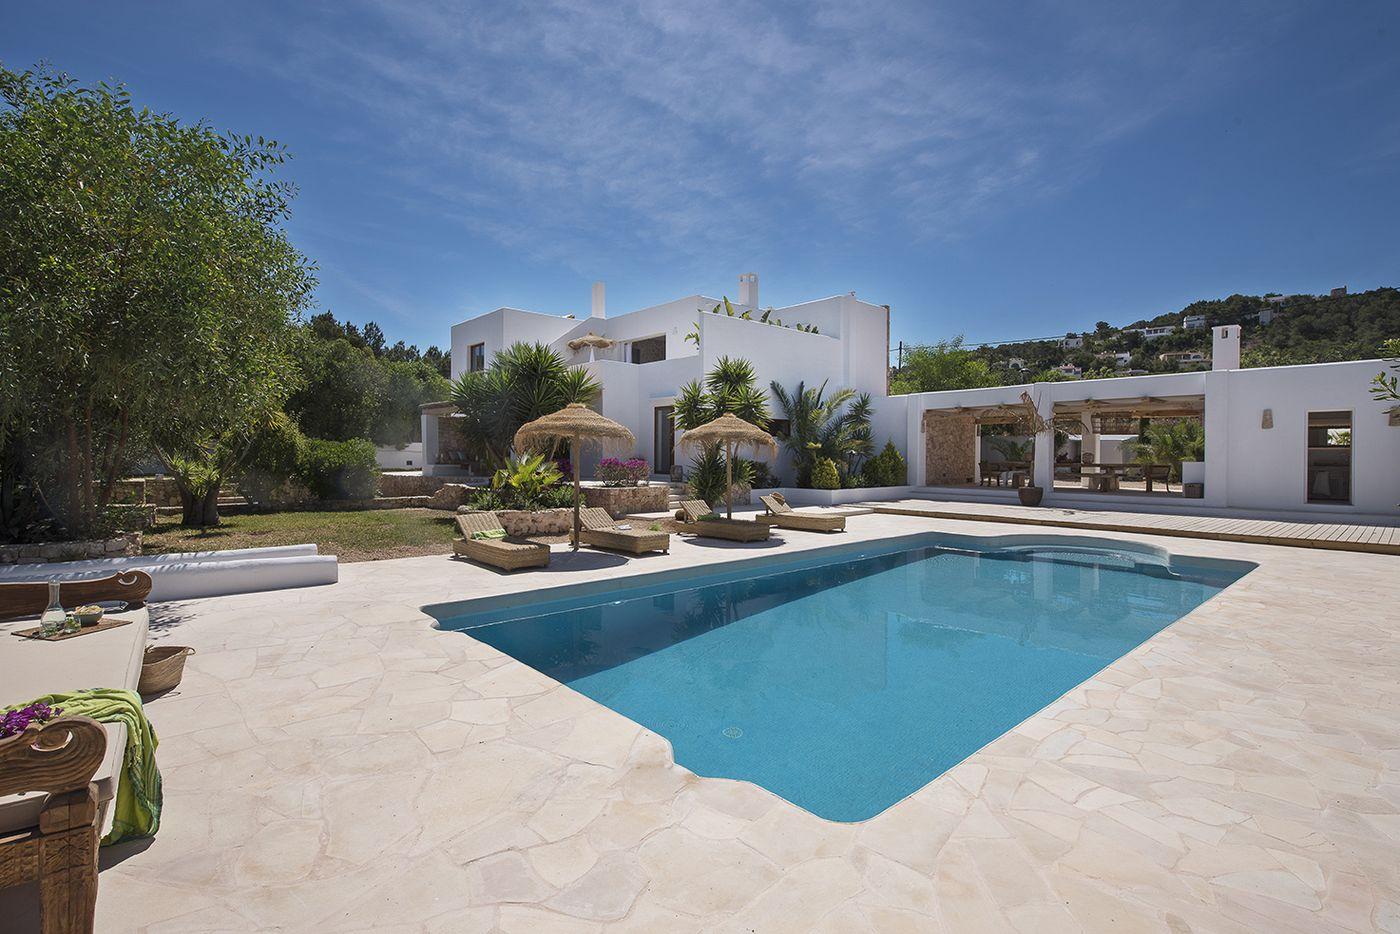 Villa in San José-Ibiza with 6 bedrooms-CVE55511